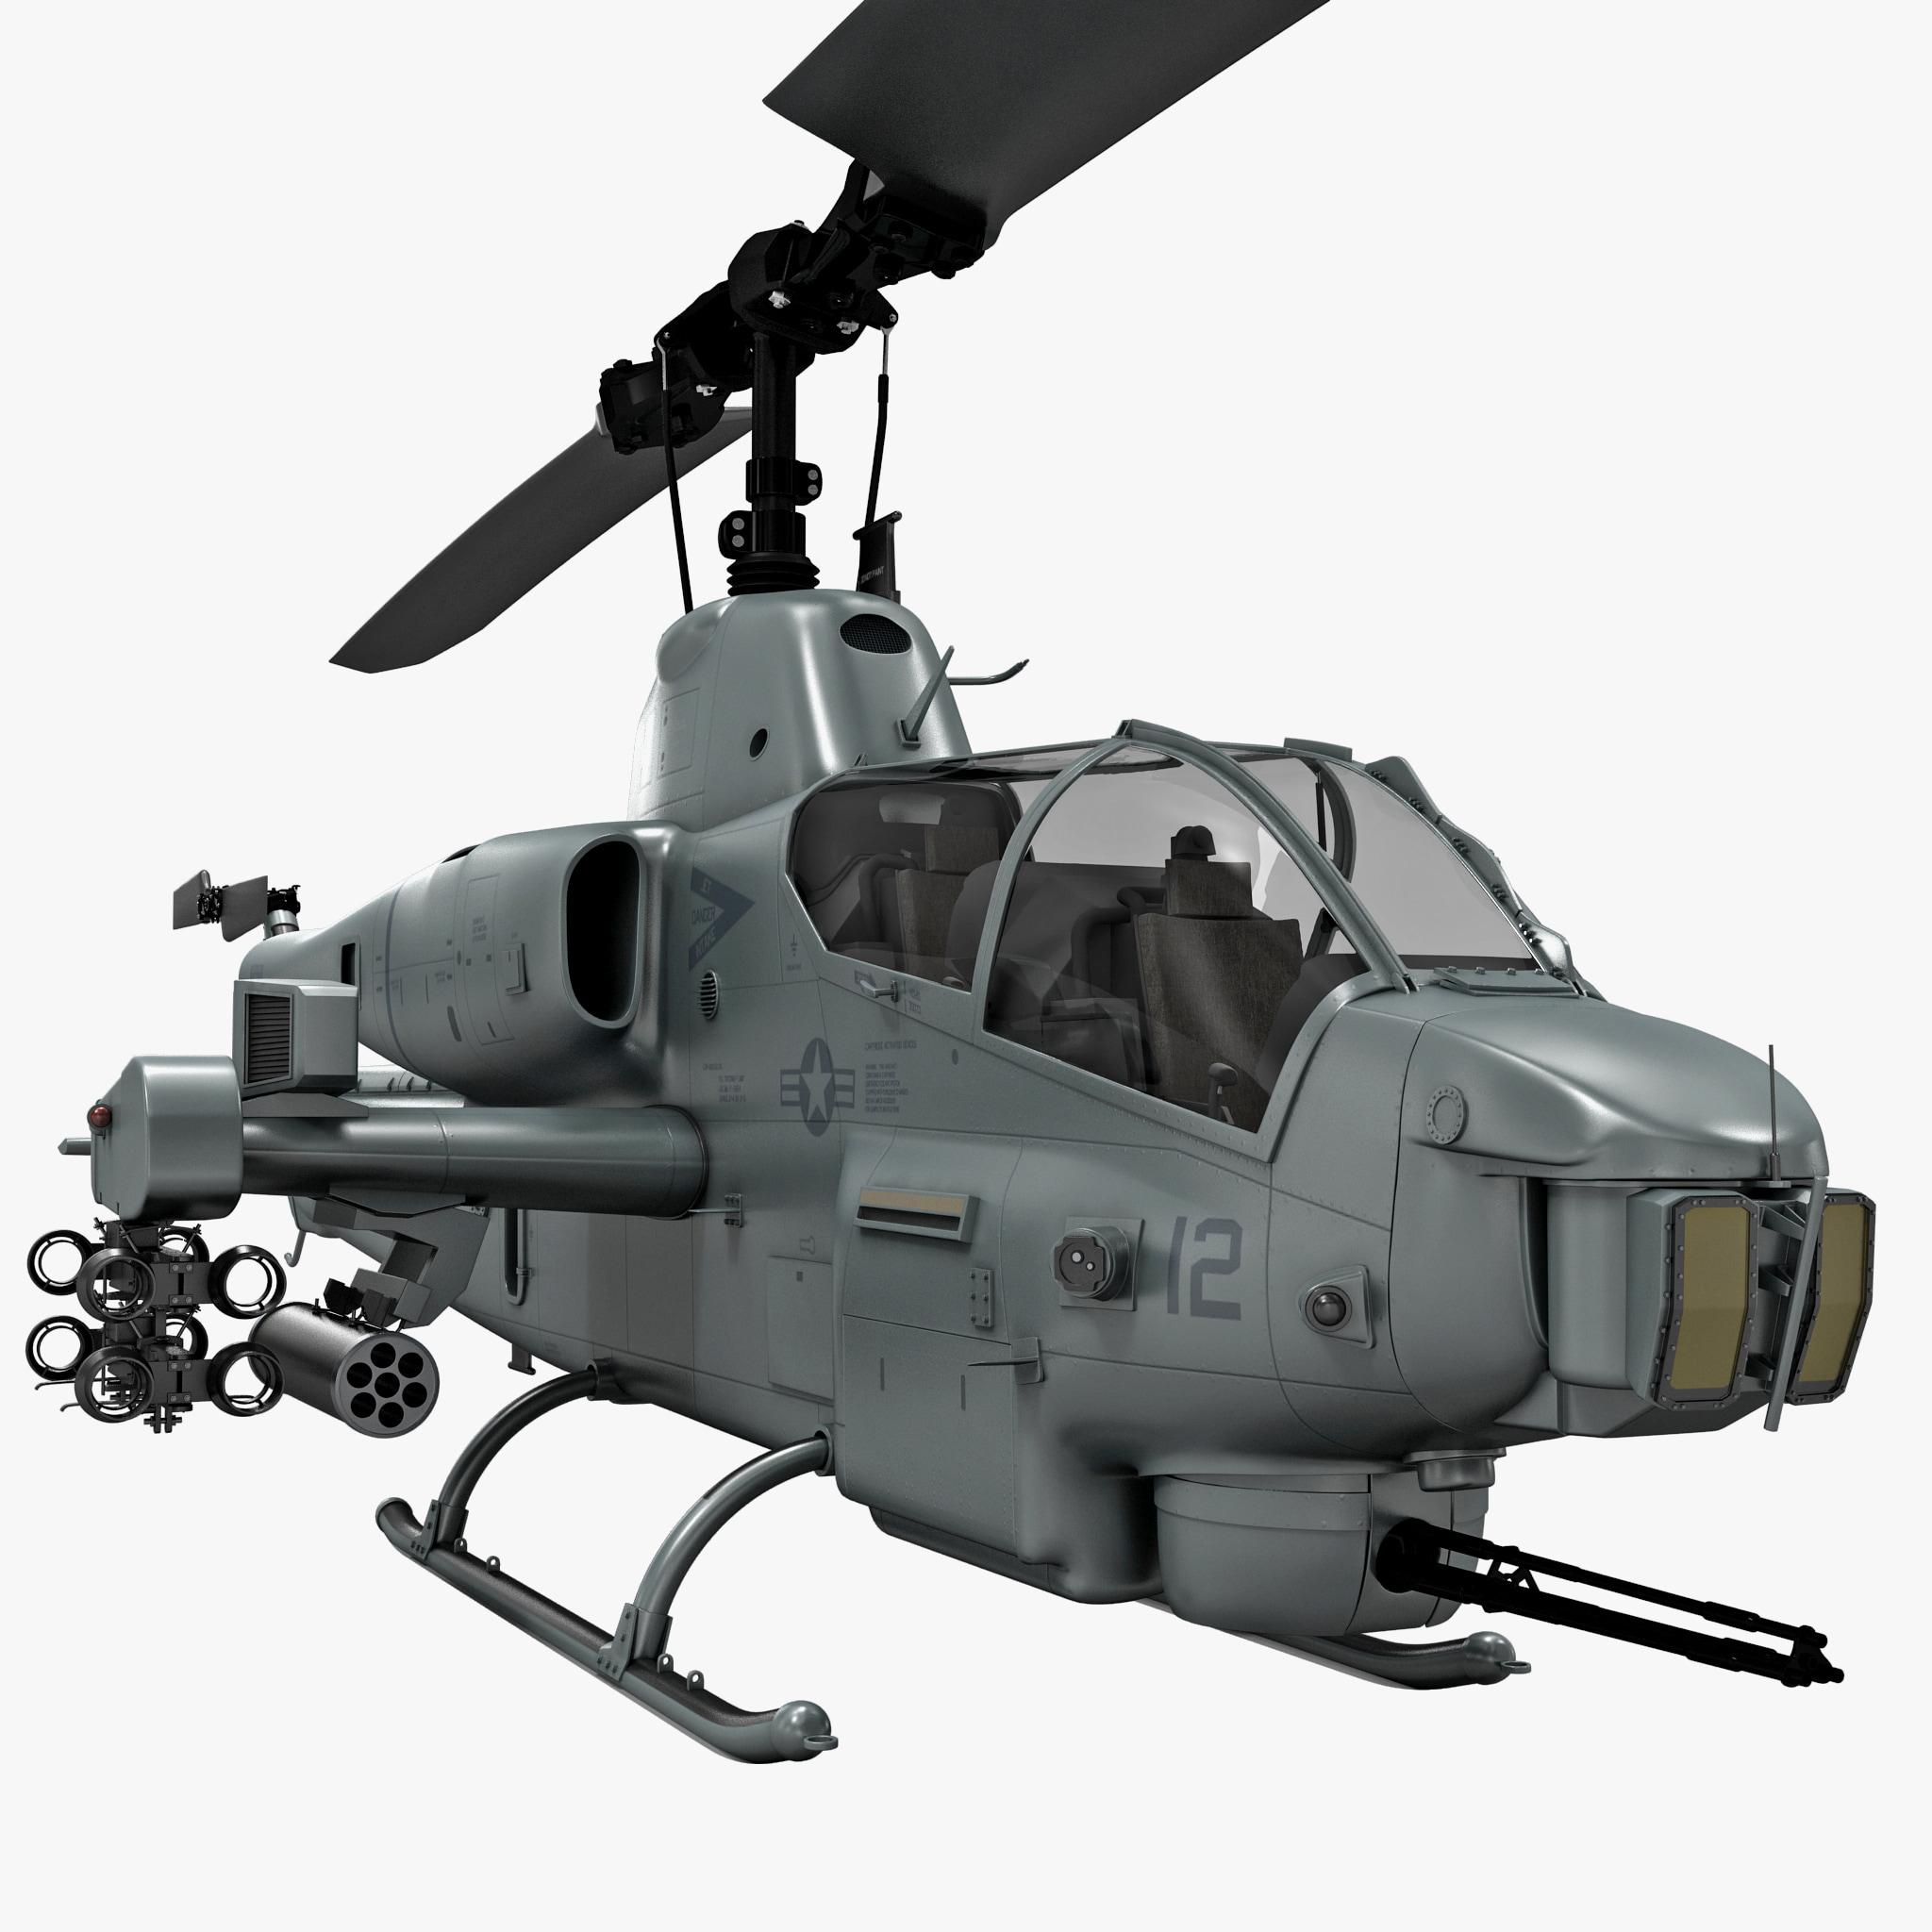 3d model of bell ah-1 supercobra